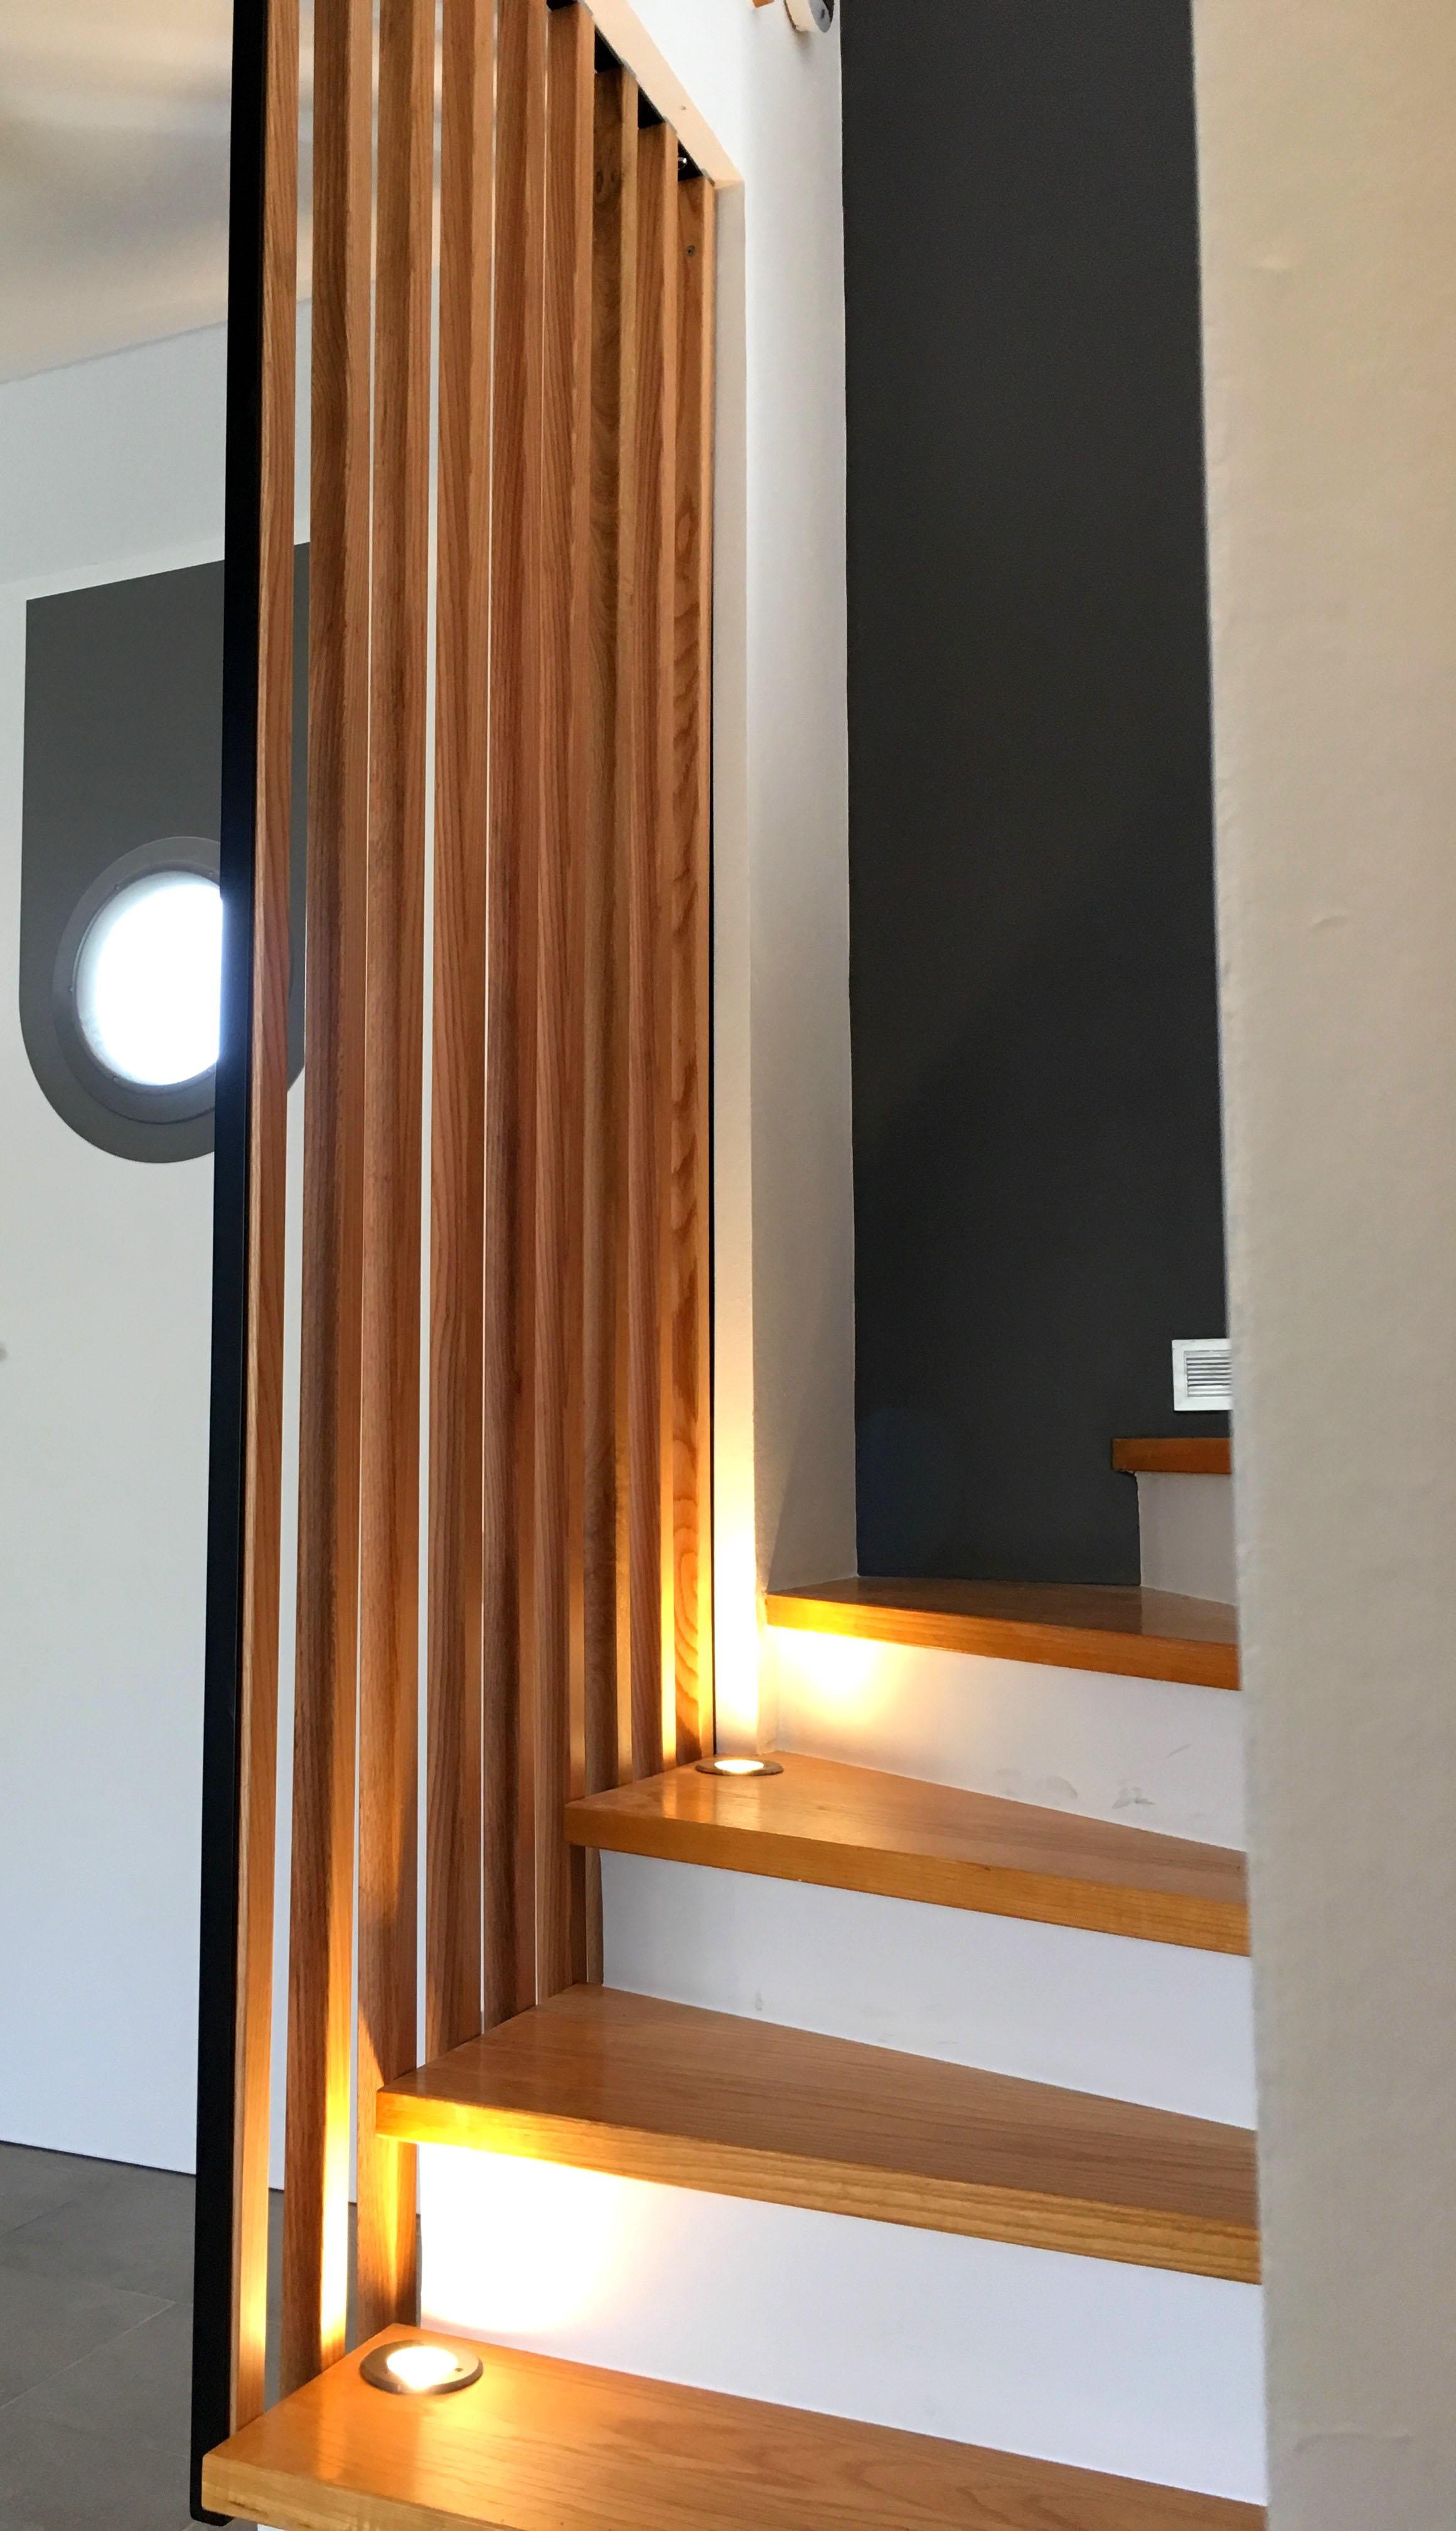 Claustra Intérieur En Bois cloisons et claustras - art métal concept quimper